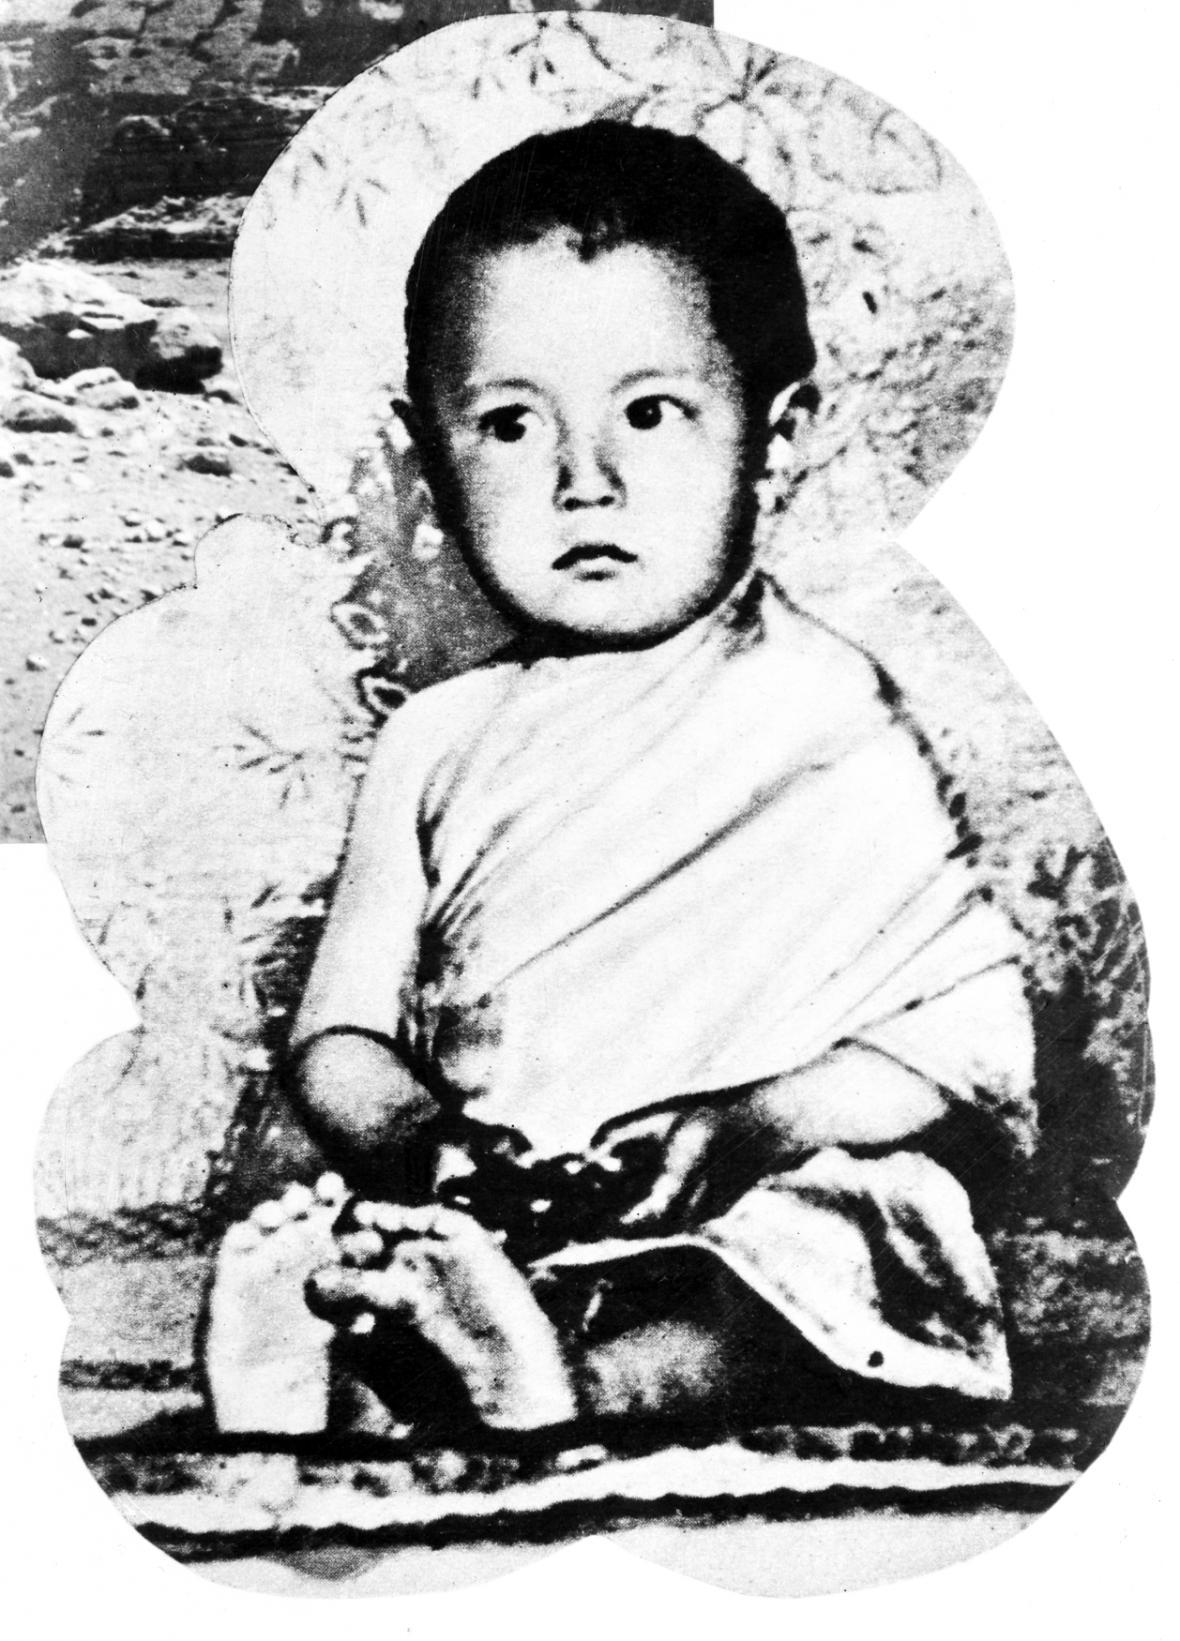 Dalajlama byl vysvěcen v únoru 1940